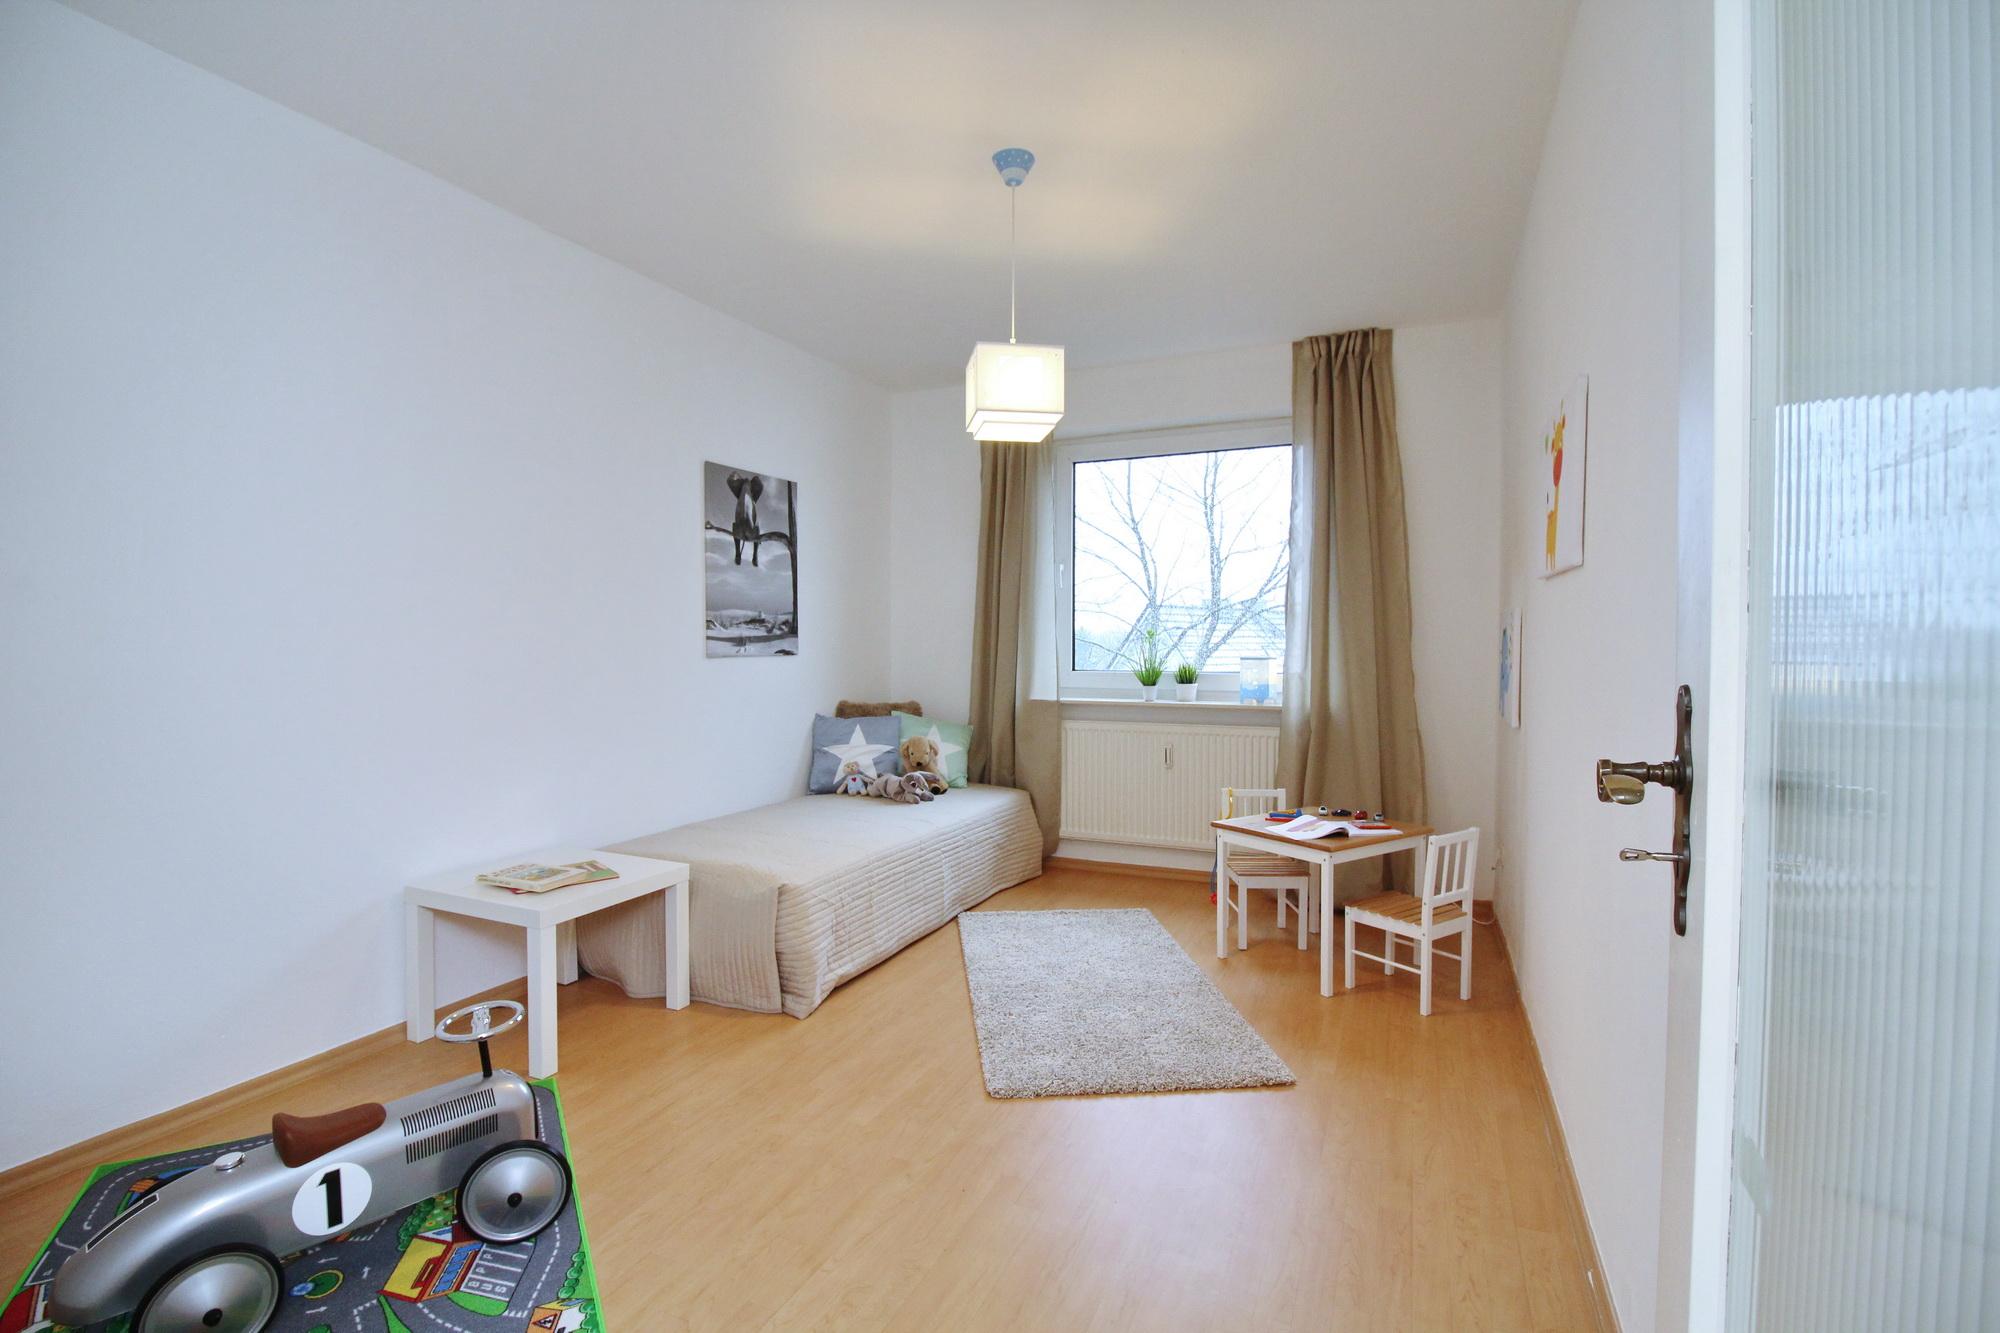 home staging einer 3 zimmer wohnung in ratzeburg homemade. Black Bedroom Furniture Sets. Home Design Ideas